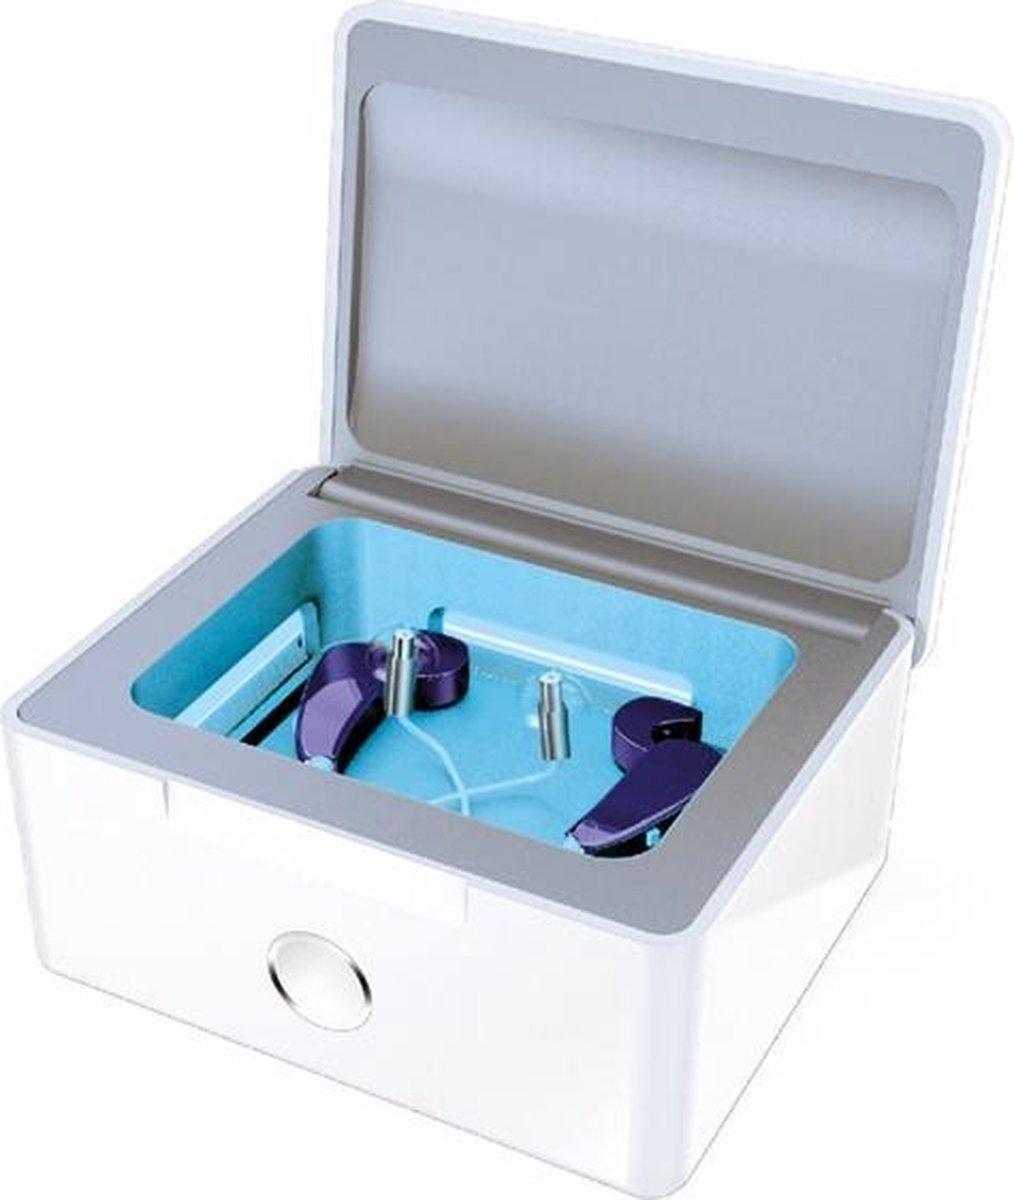 PerfectDry Lux   Hoortoestellen snel en optimaal laten drogen    Desinfecteren door middel van UV-C